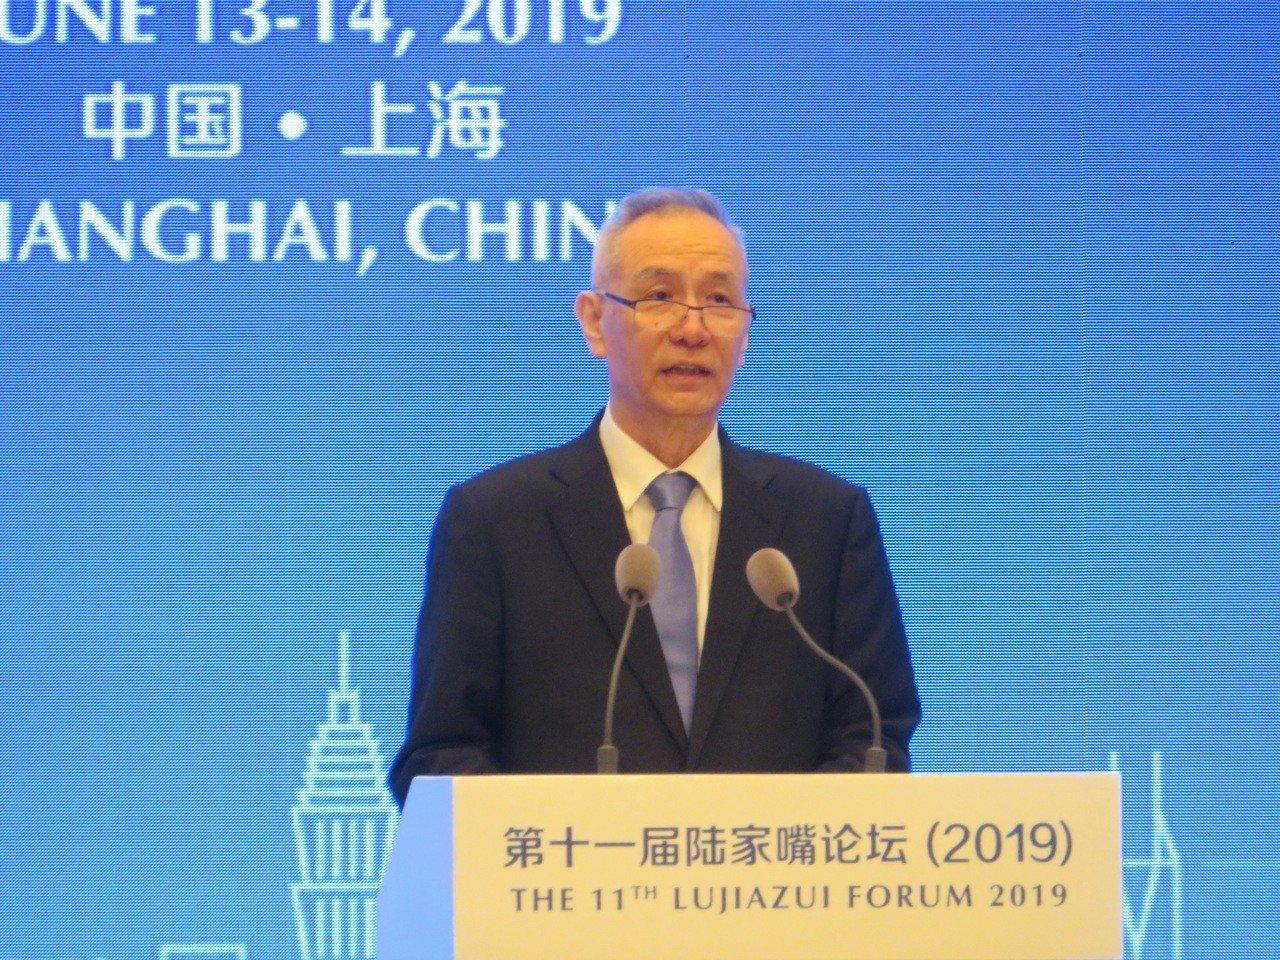 中國副總理劉鶴在談及當前中國宏觀經濟情勢時坦言「確實有一些外部壓力」。世界日報記...